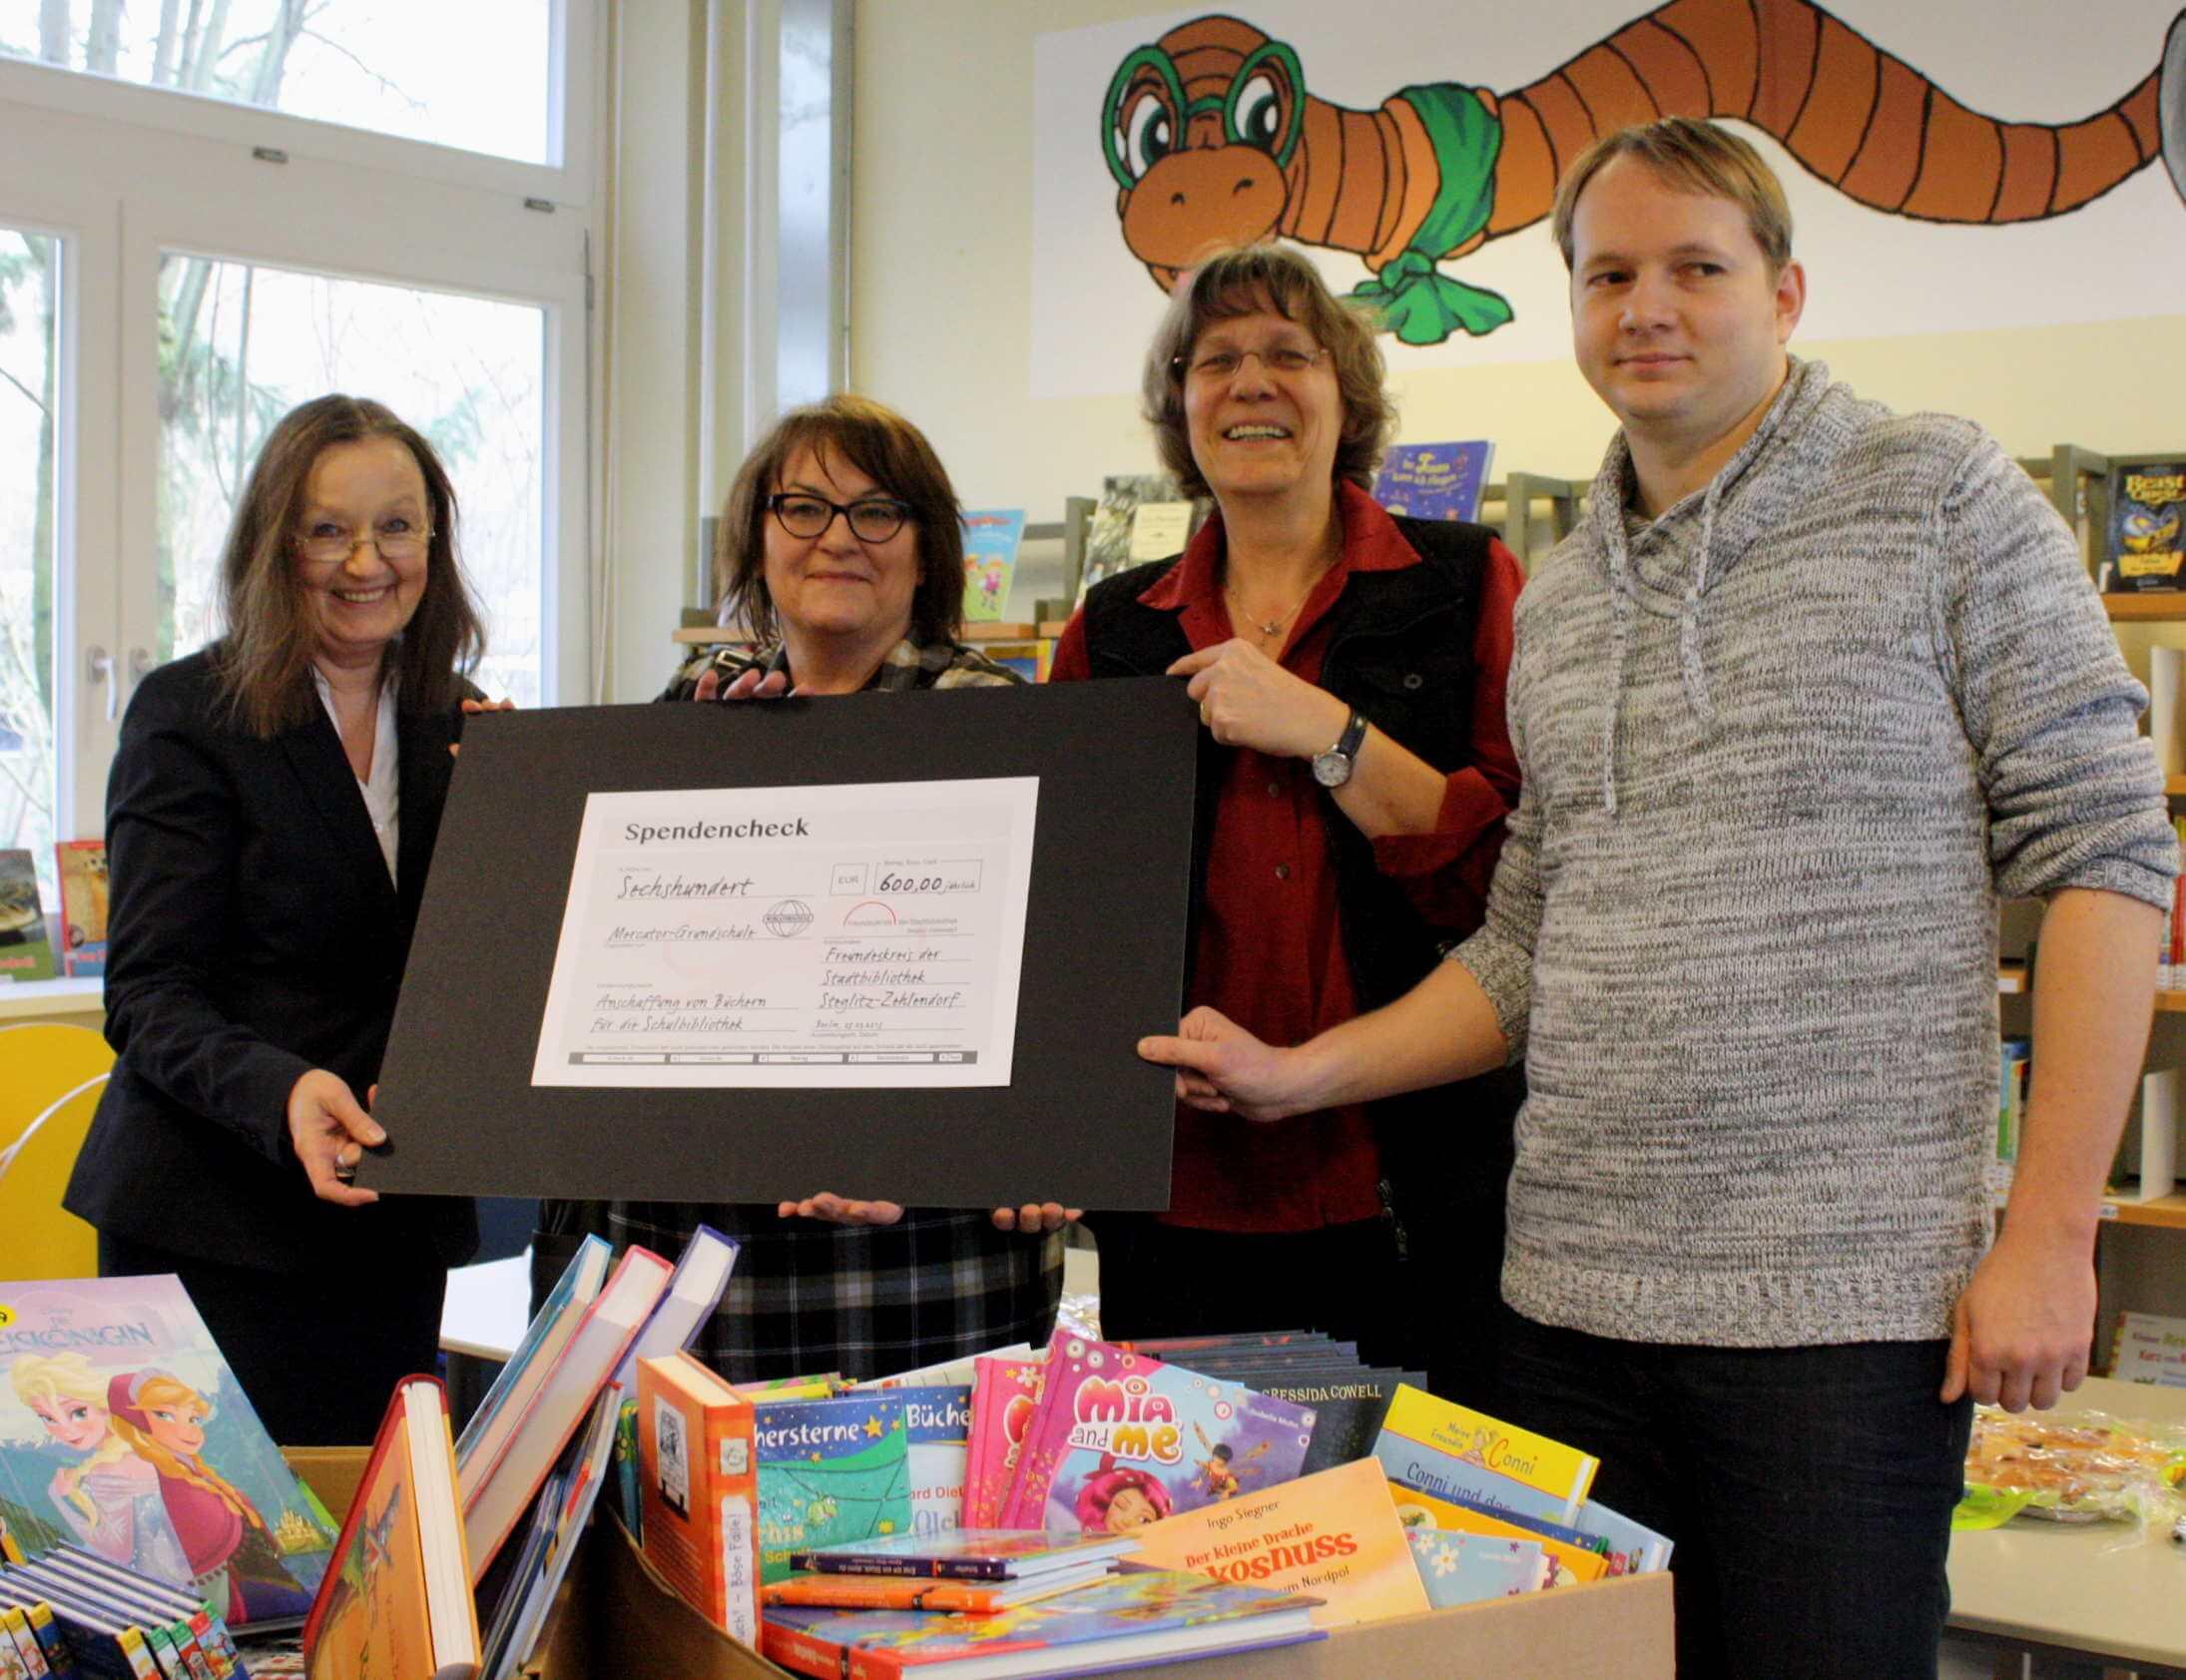 Nachschub für Leseratten: Freundeskreis der Stadtbibliothek unterstützt Schulbibliothek der Mercator-Grundschule